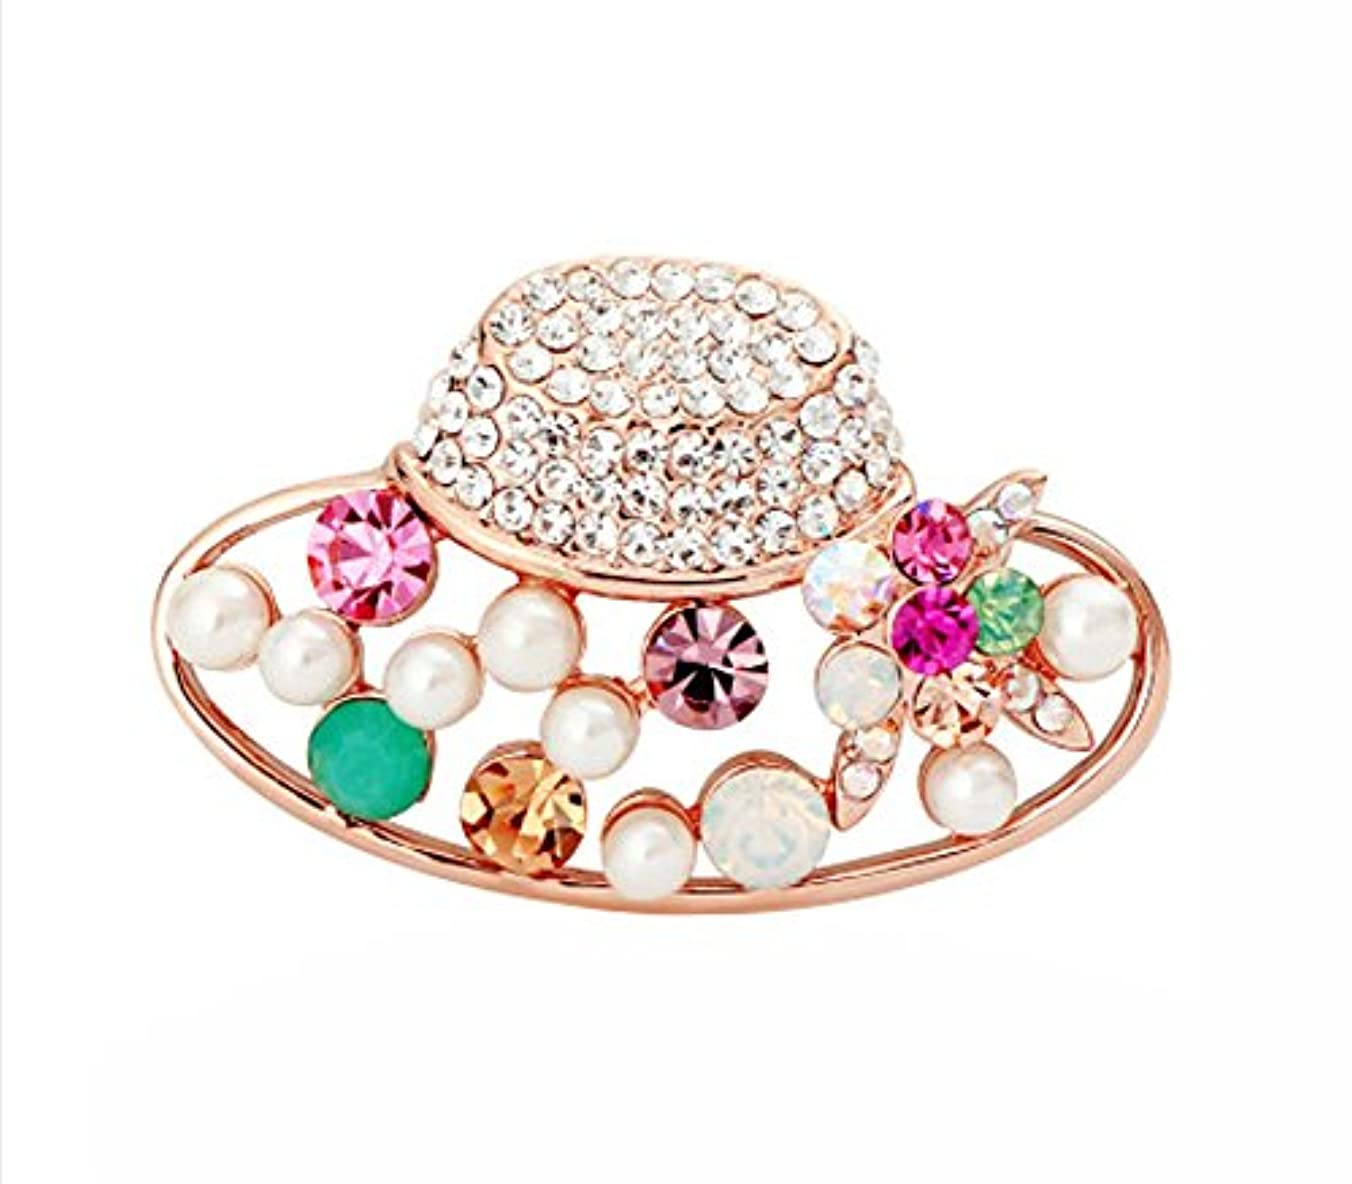 擬人化落ち着いた想像力豊かなブローチコサージュピン/バッジシャツ女性用アクセサリー、帽子